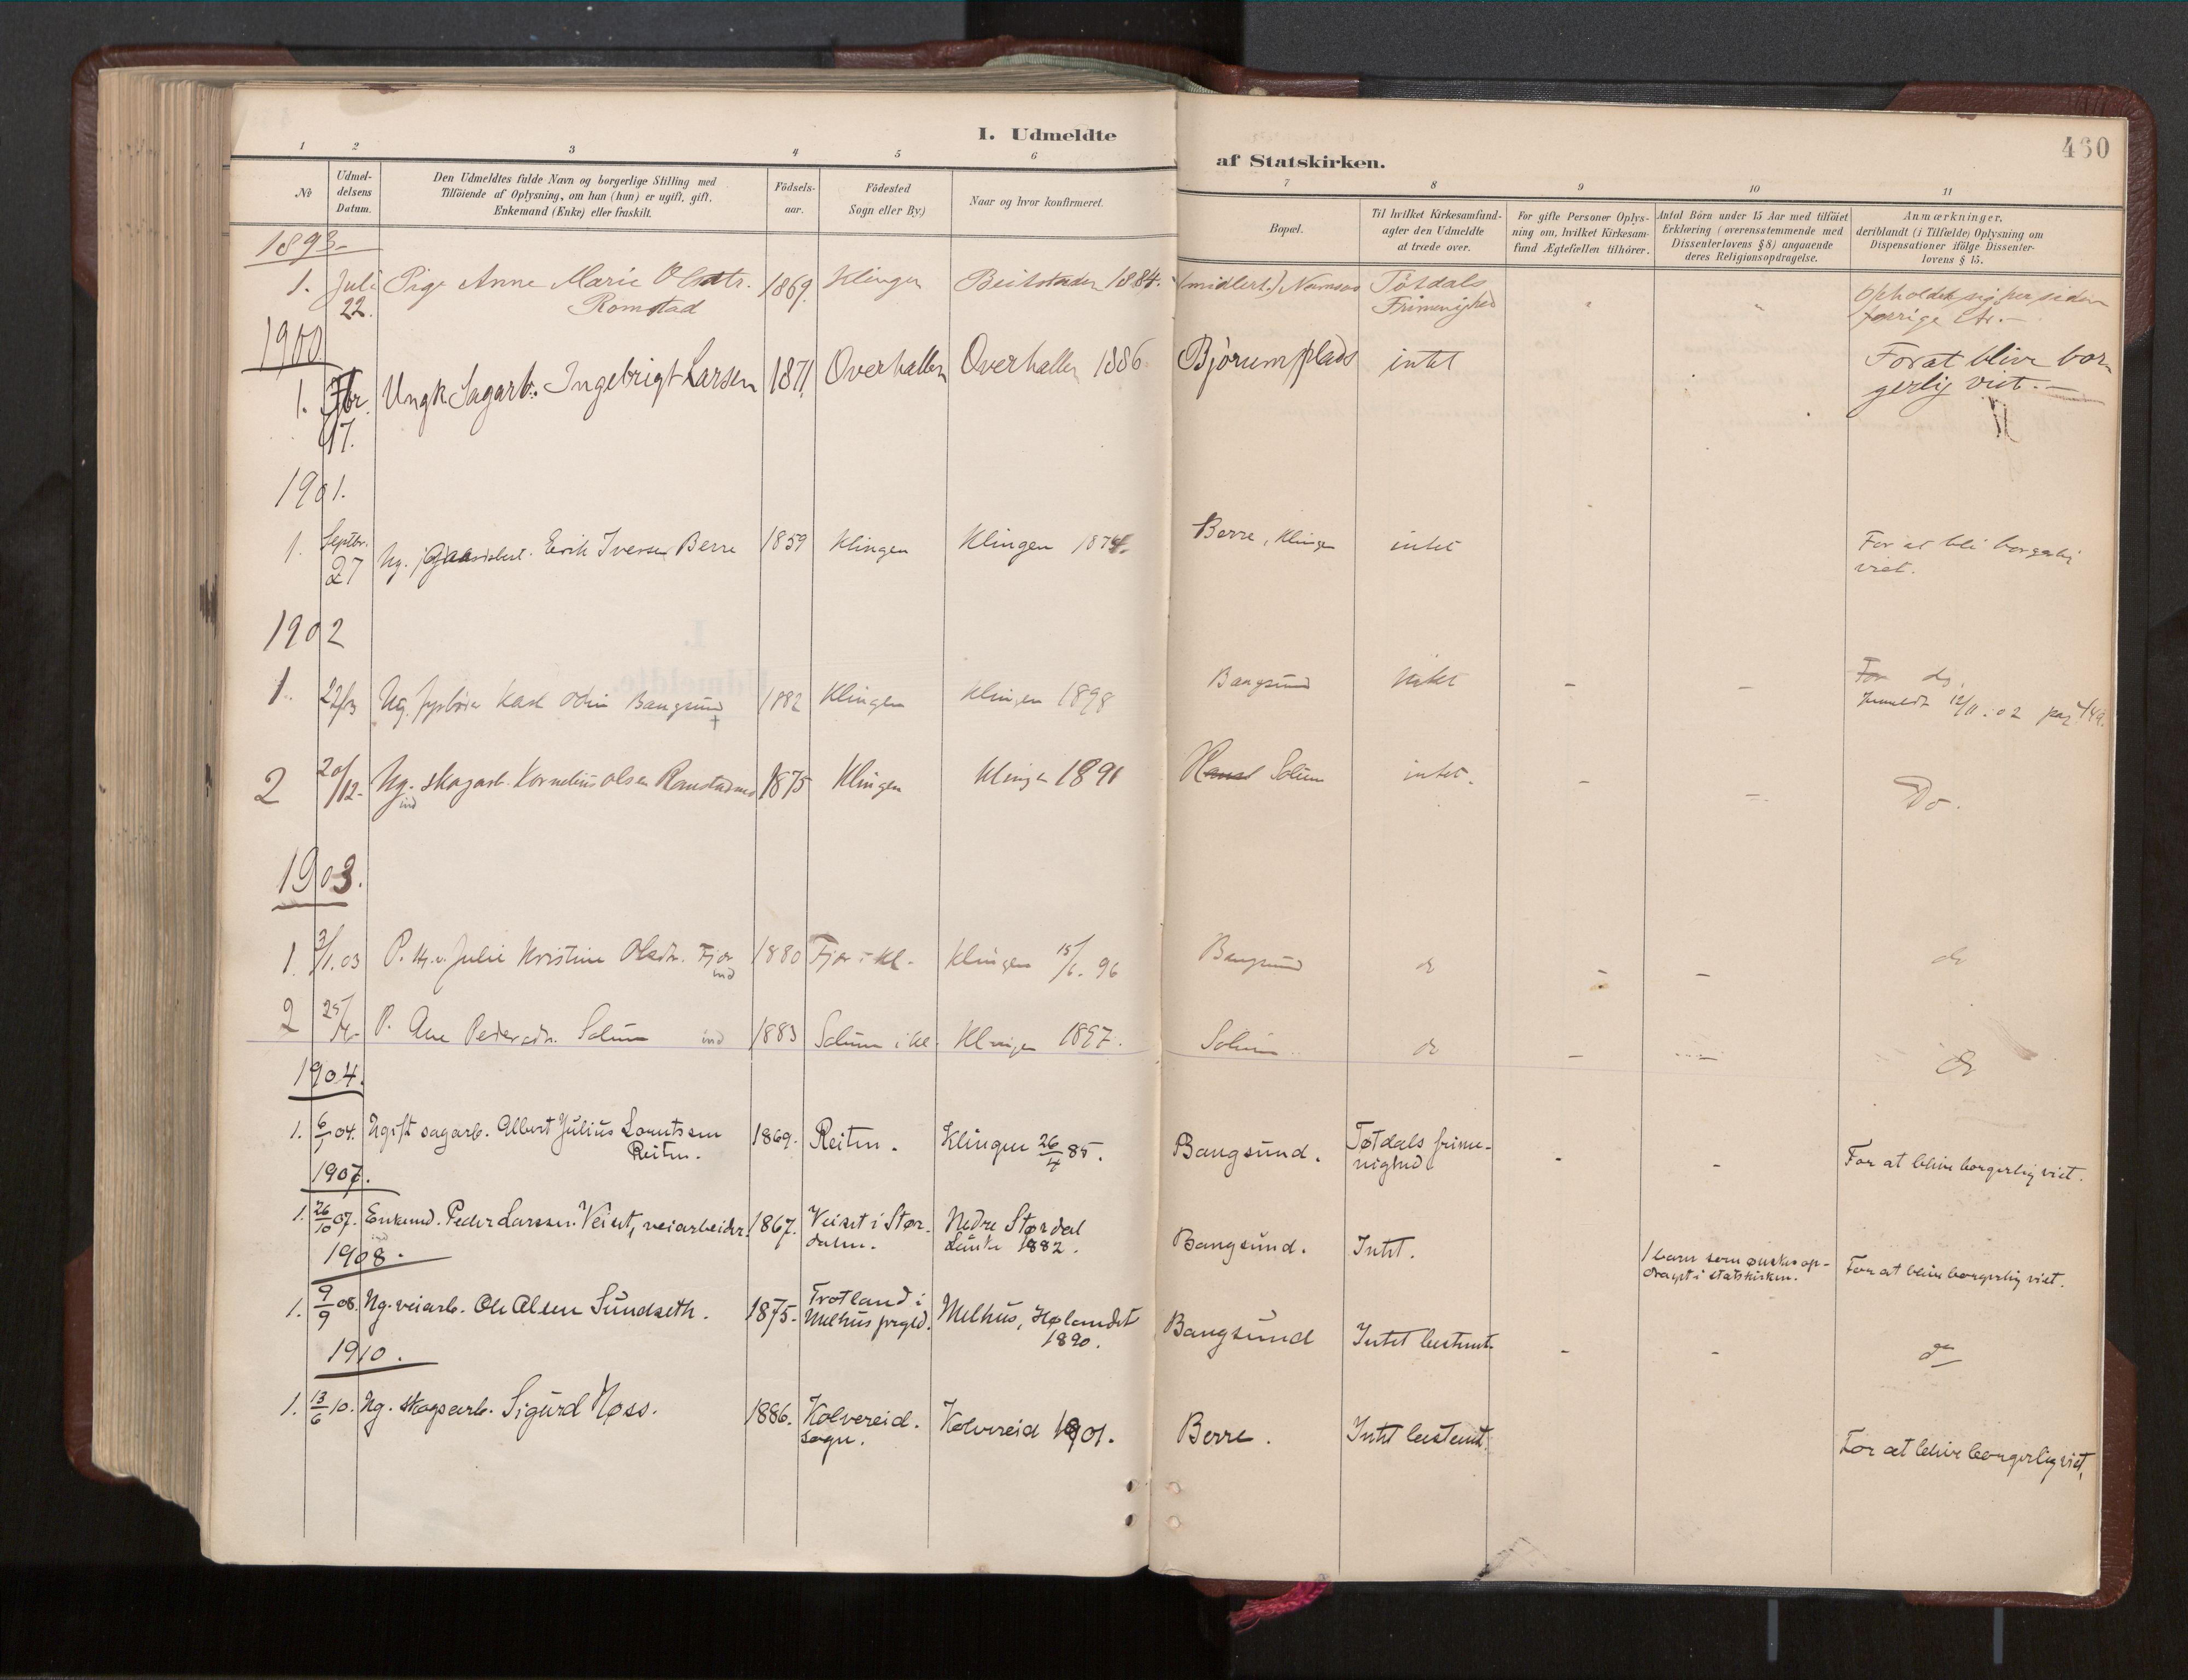 SAT, Ministerialprotokoller, klokkerbøker og fødselsregistre - Nord-Trøndelag, 770/L0589: Ministerialbok nr. 770A03, 1887-1929, s. 460